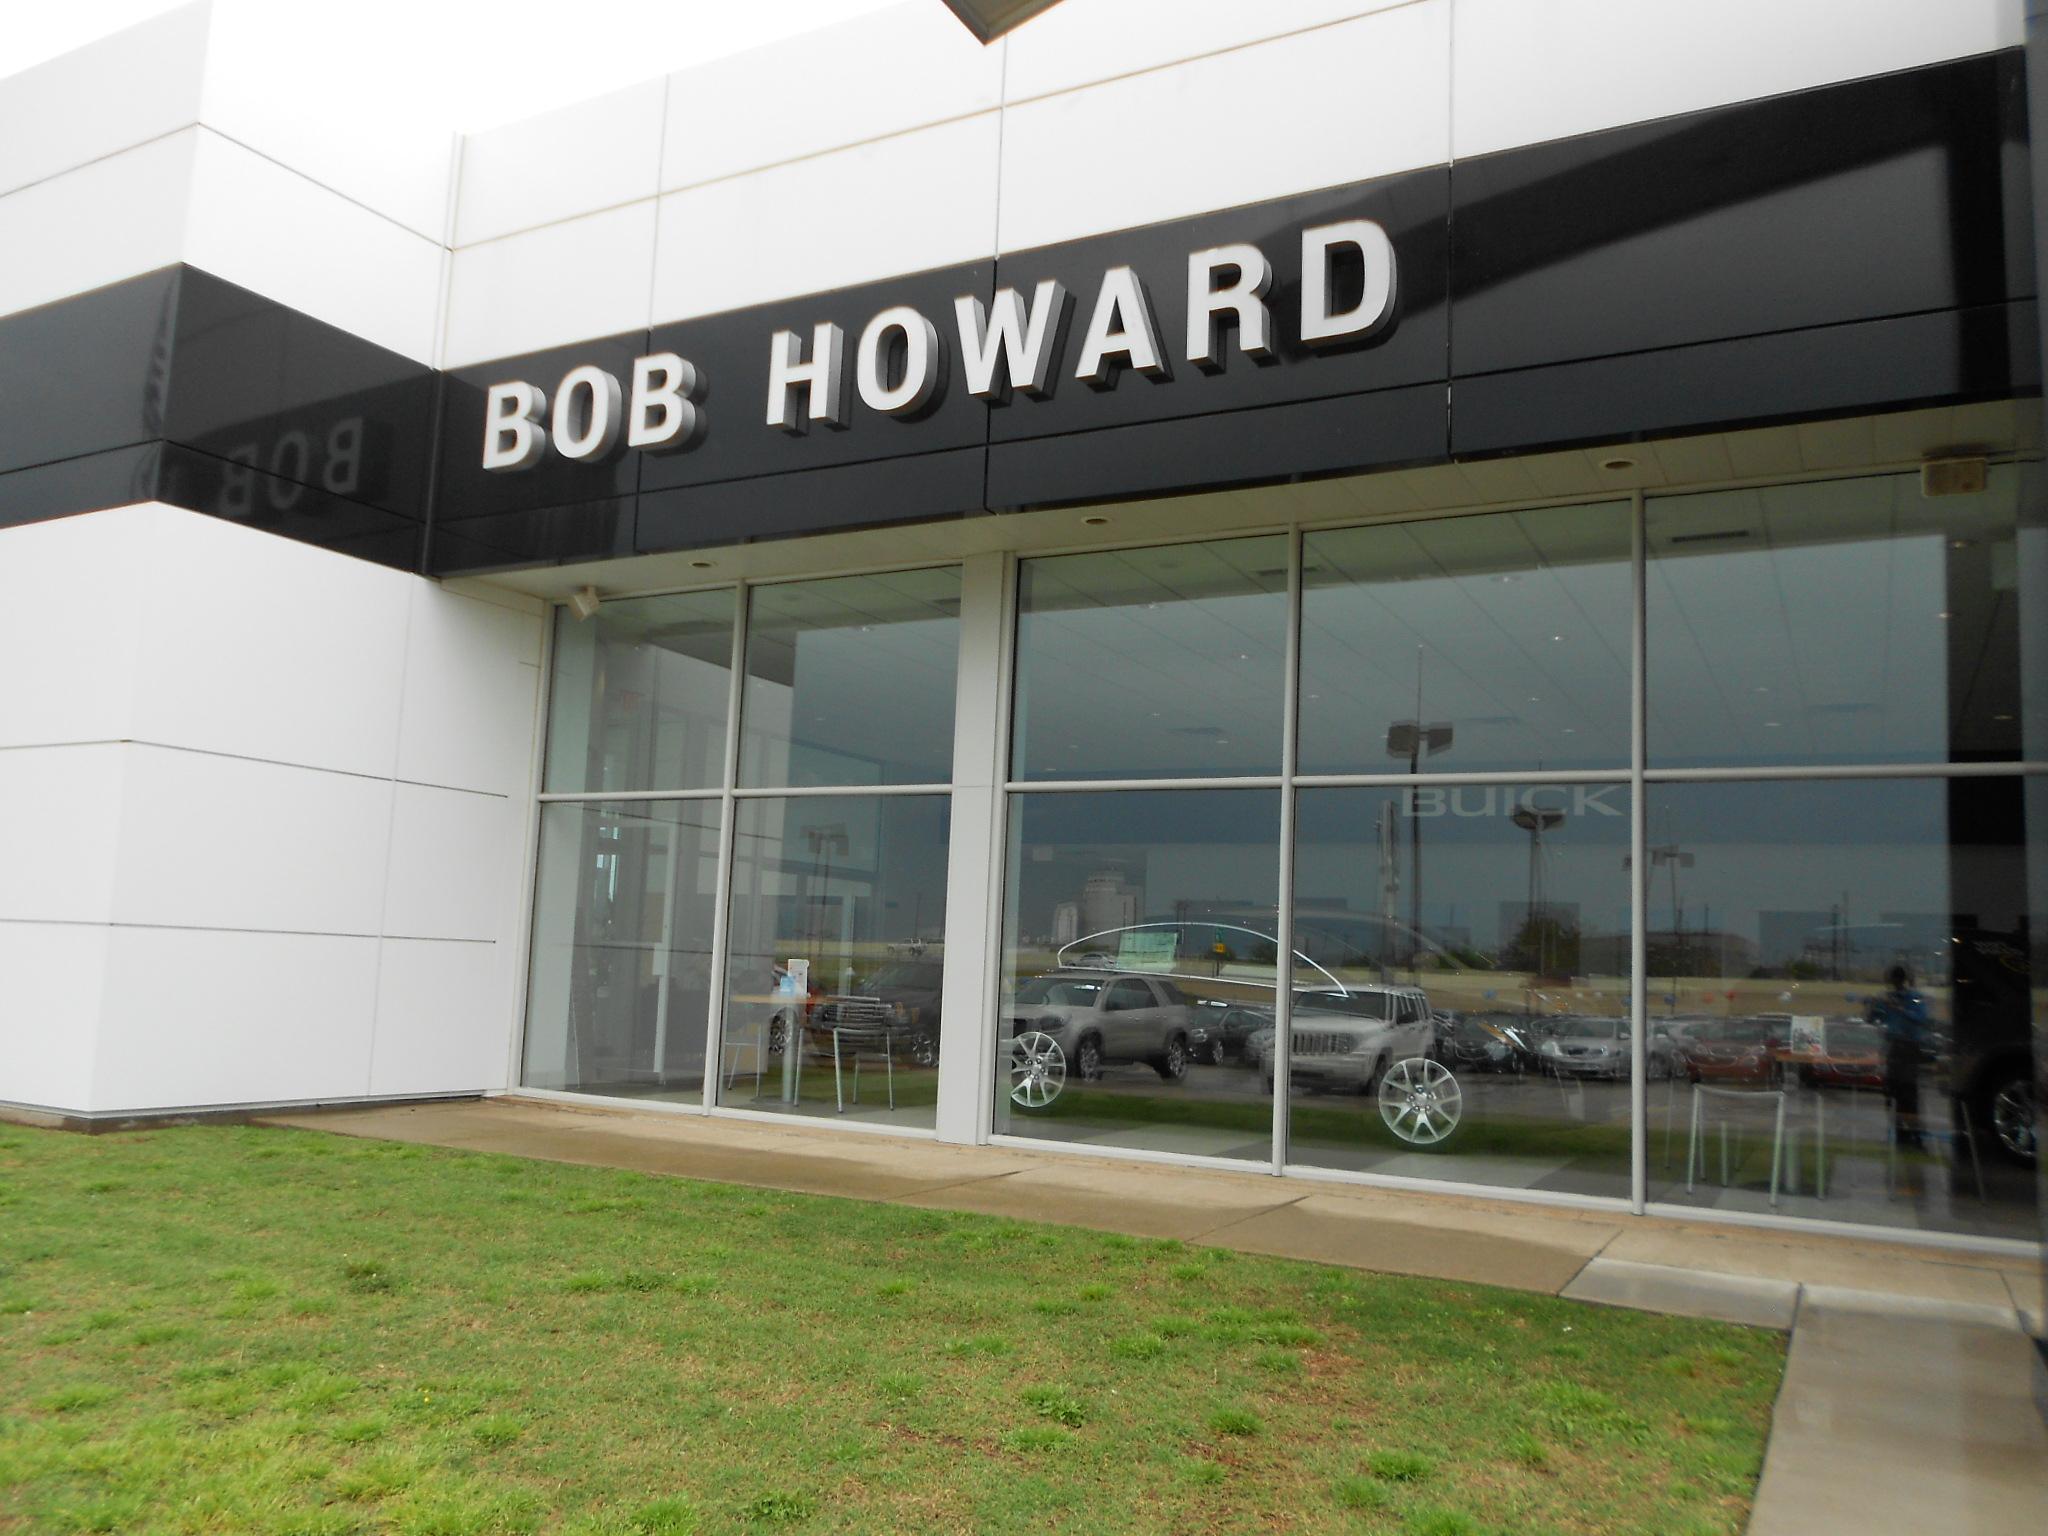 Bob Howard Buick GMC image 1